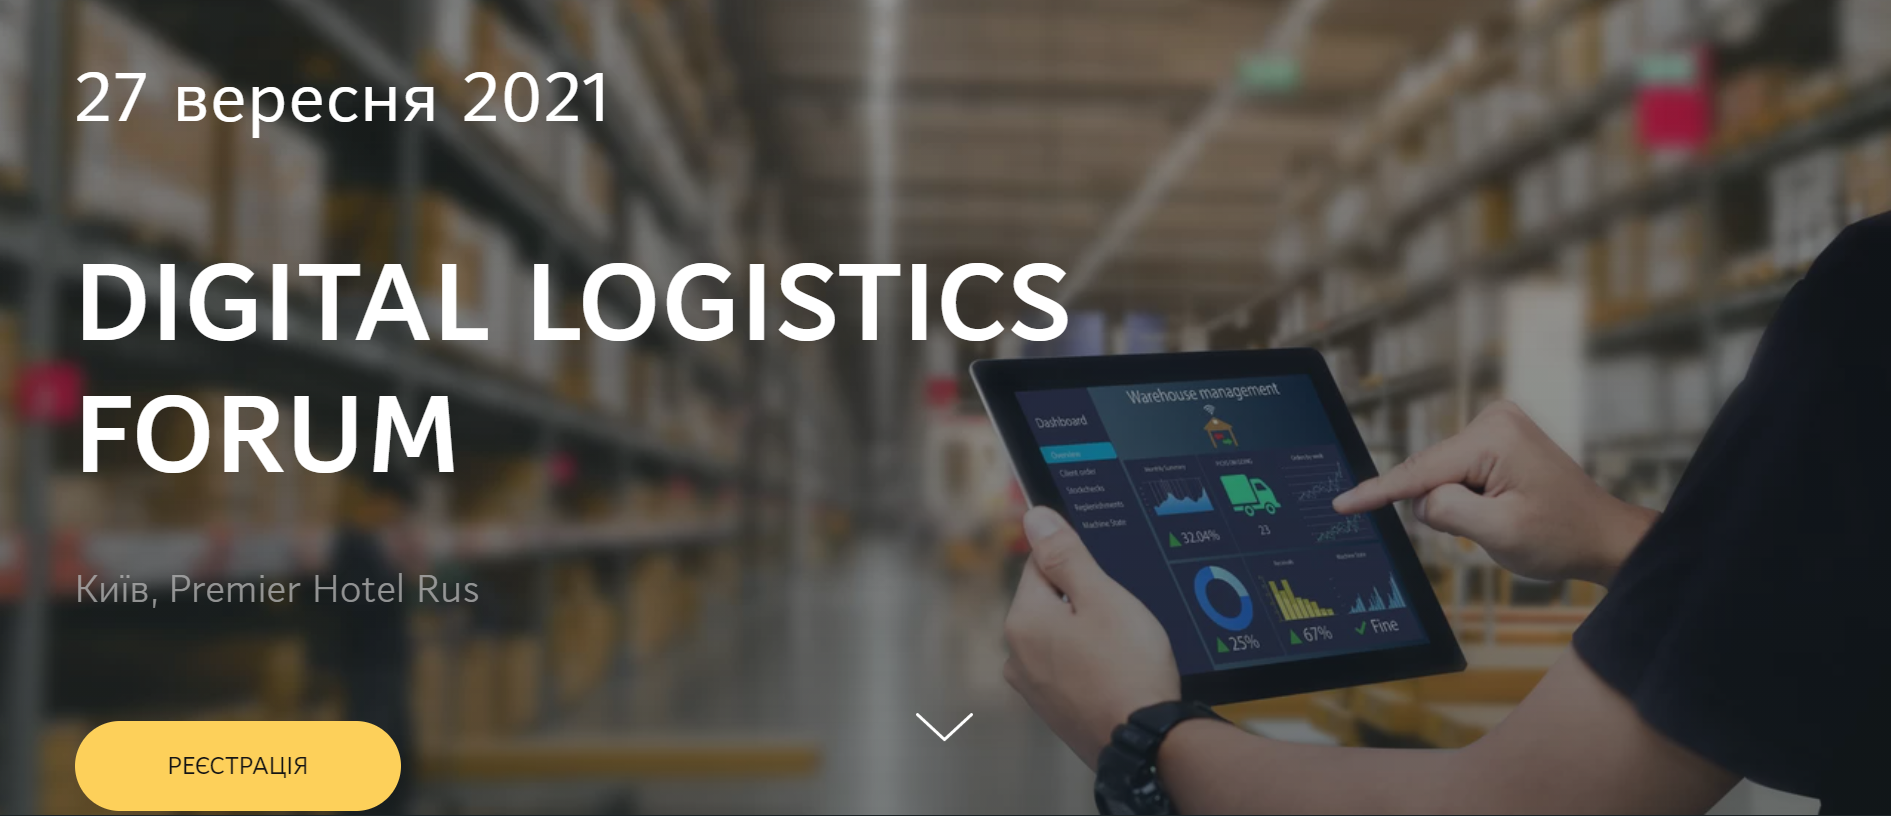 Через місяць - Digital Logistics Forum. Ще можна приєднатися